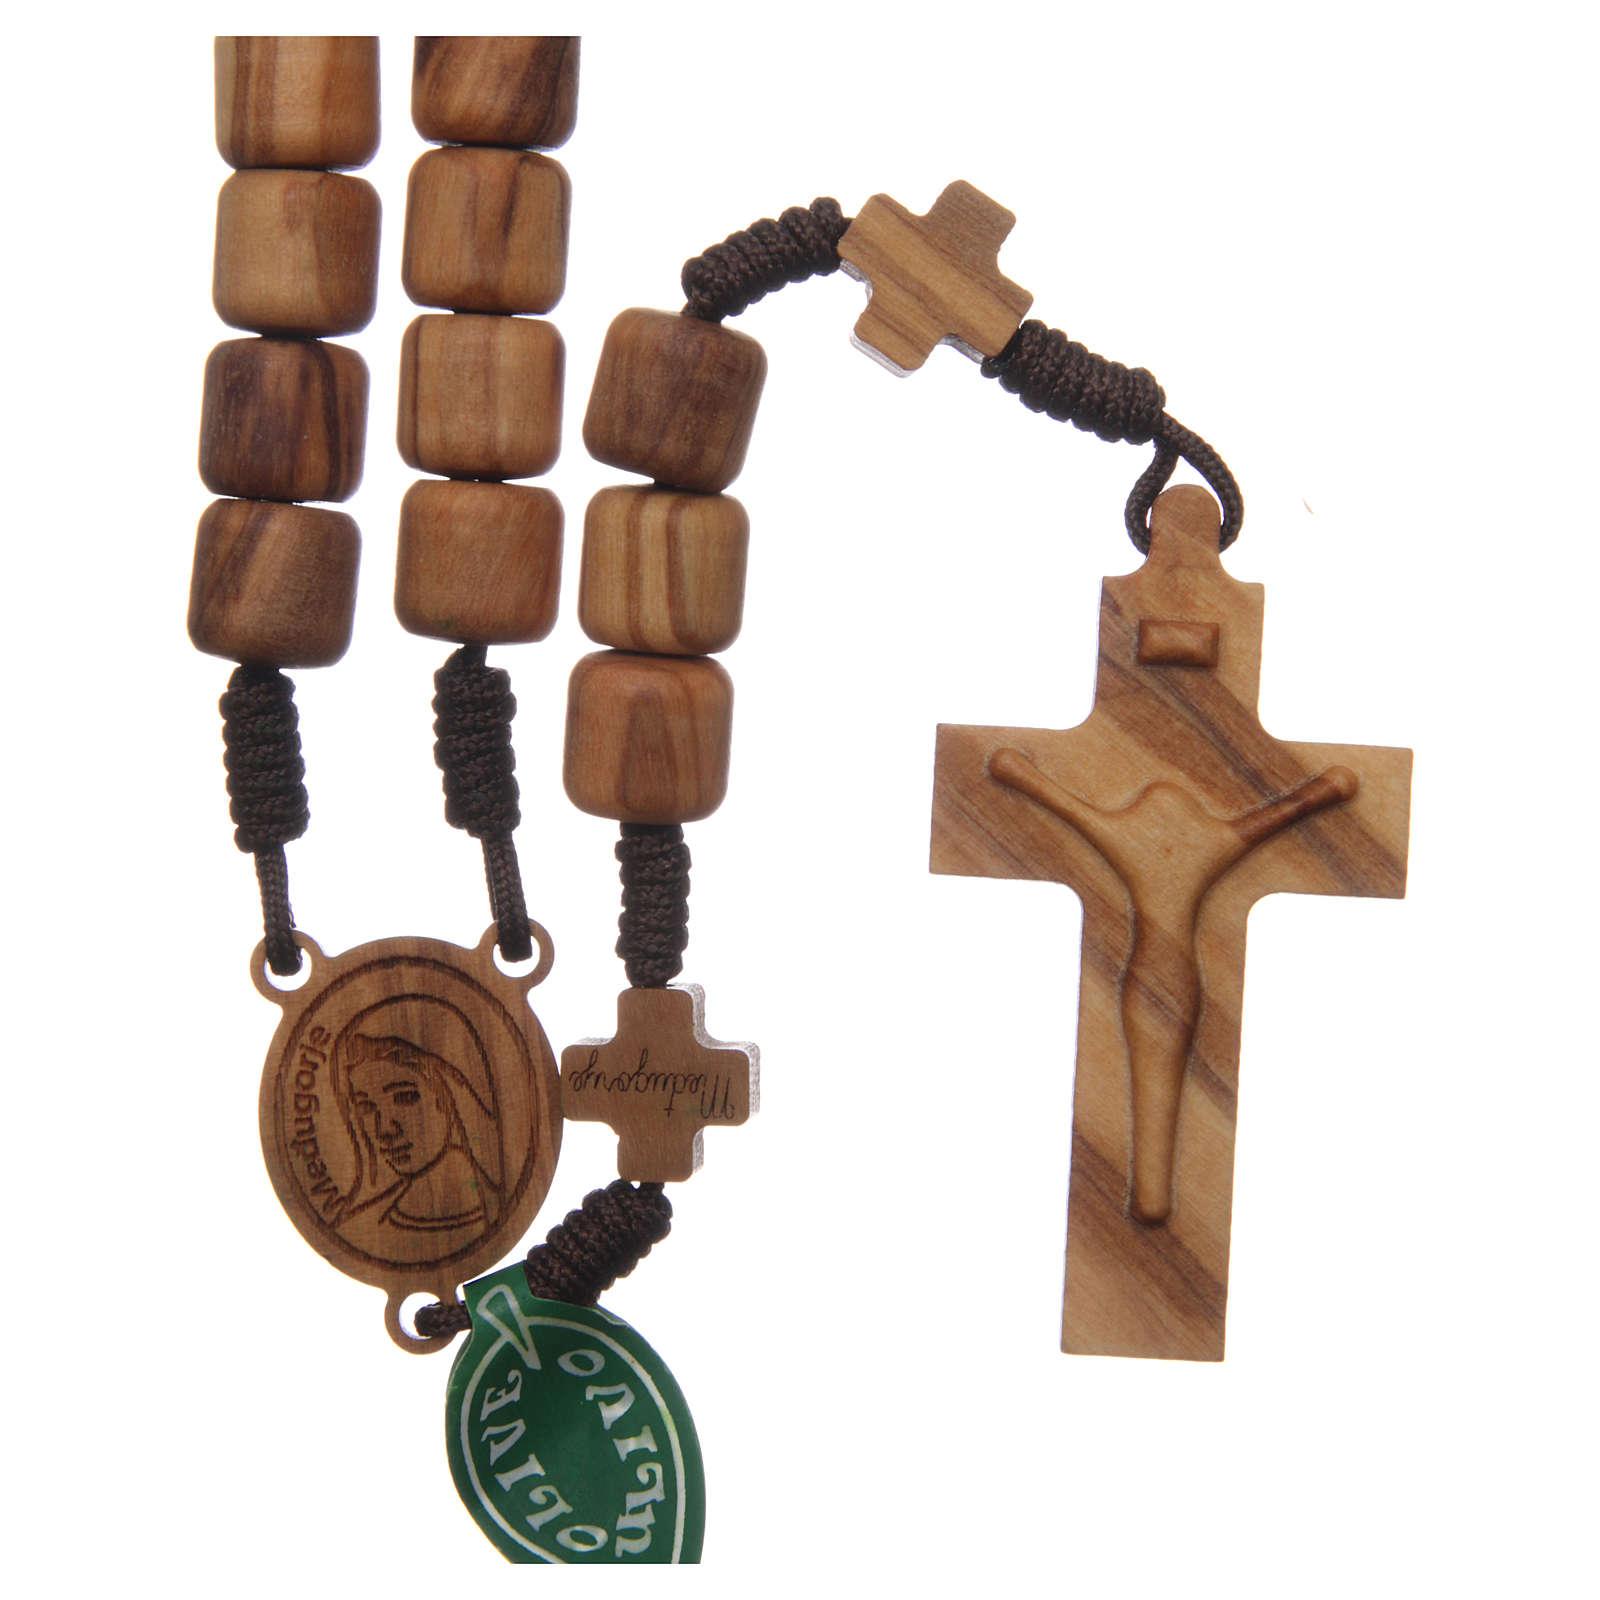 Terço Medjugorje cruzes contas oliveira corda castanho 4